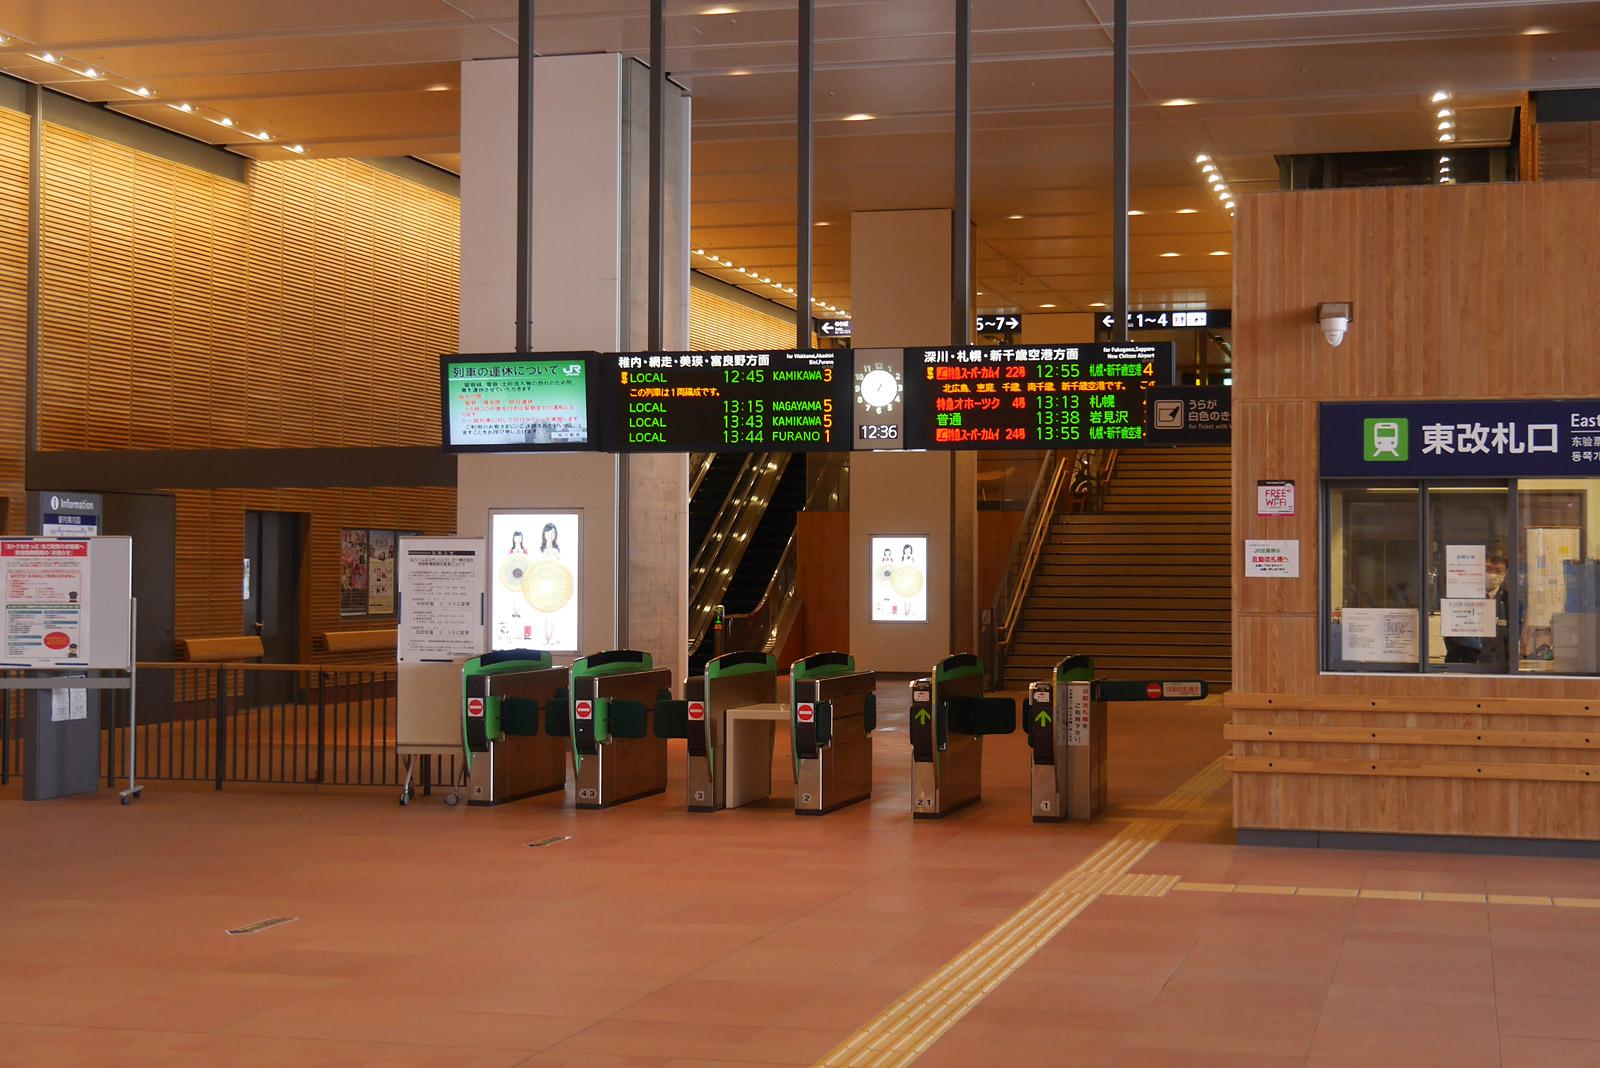 【鉄道】北海道新幹線の札幌駅のホーム位置「地下案」、設置場所に「北5条・手稲通」が浮上…ビル基礎部分が少なく工事が比較的容易©2ch.net->画像>20枚